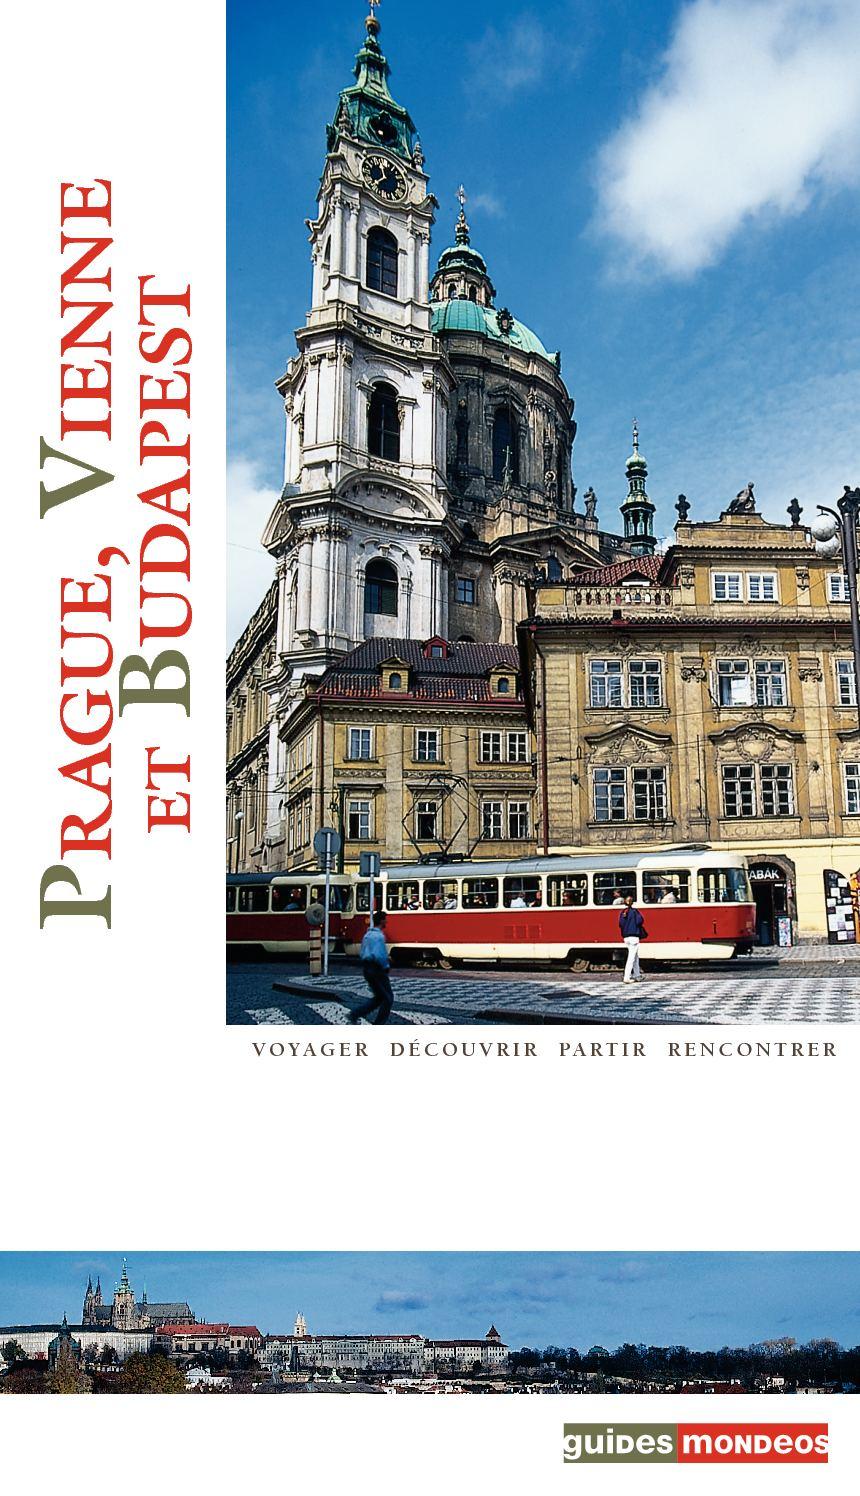 Calaméo - Prague Vienne Budapest 9d8cddd0b57